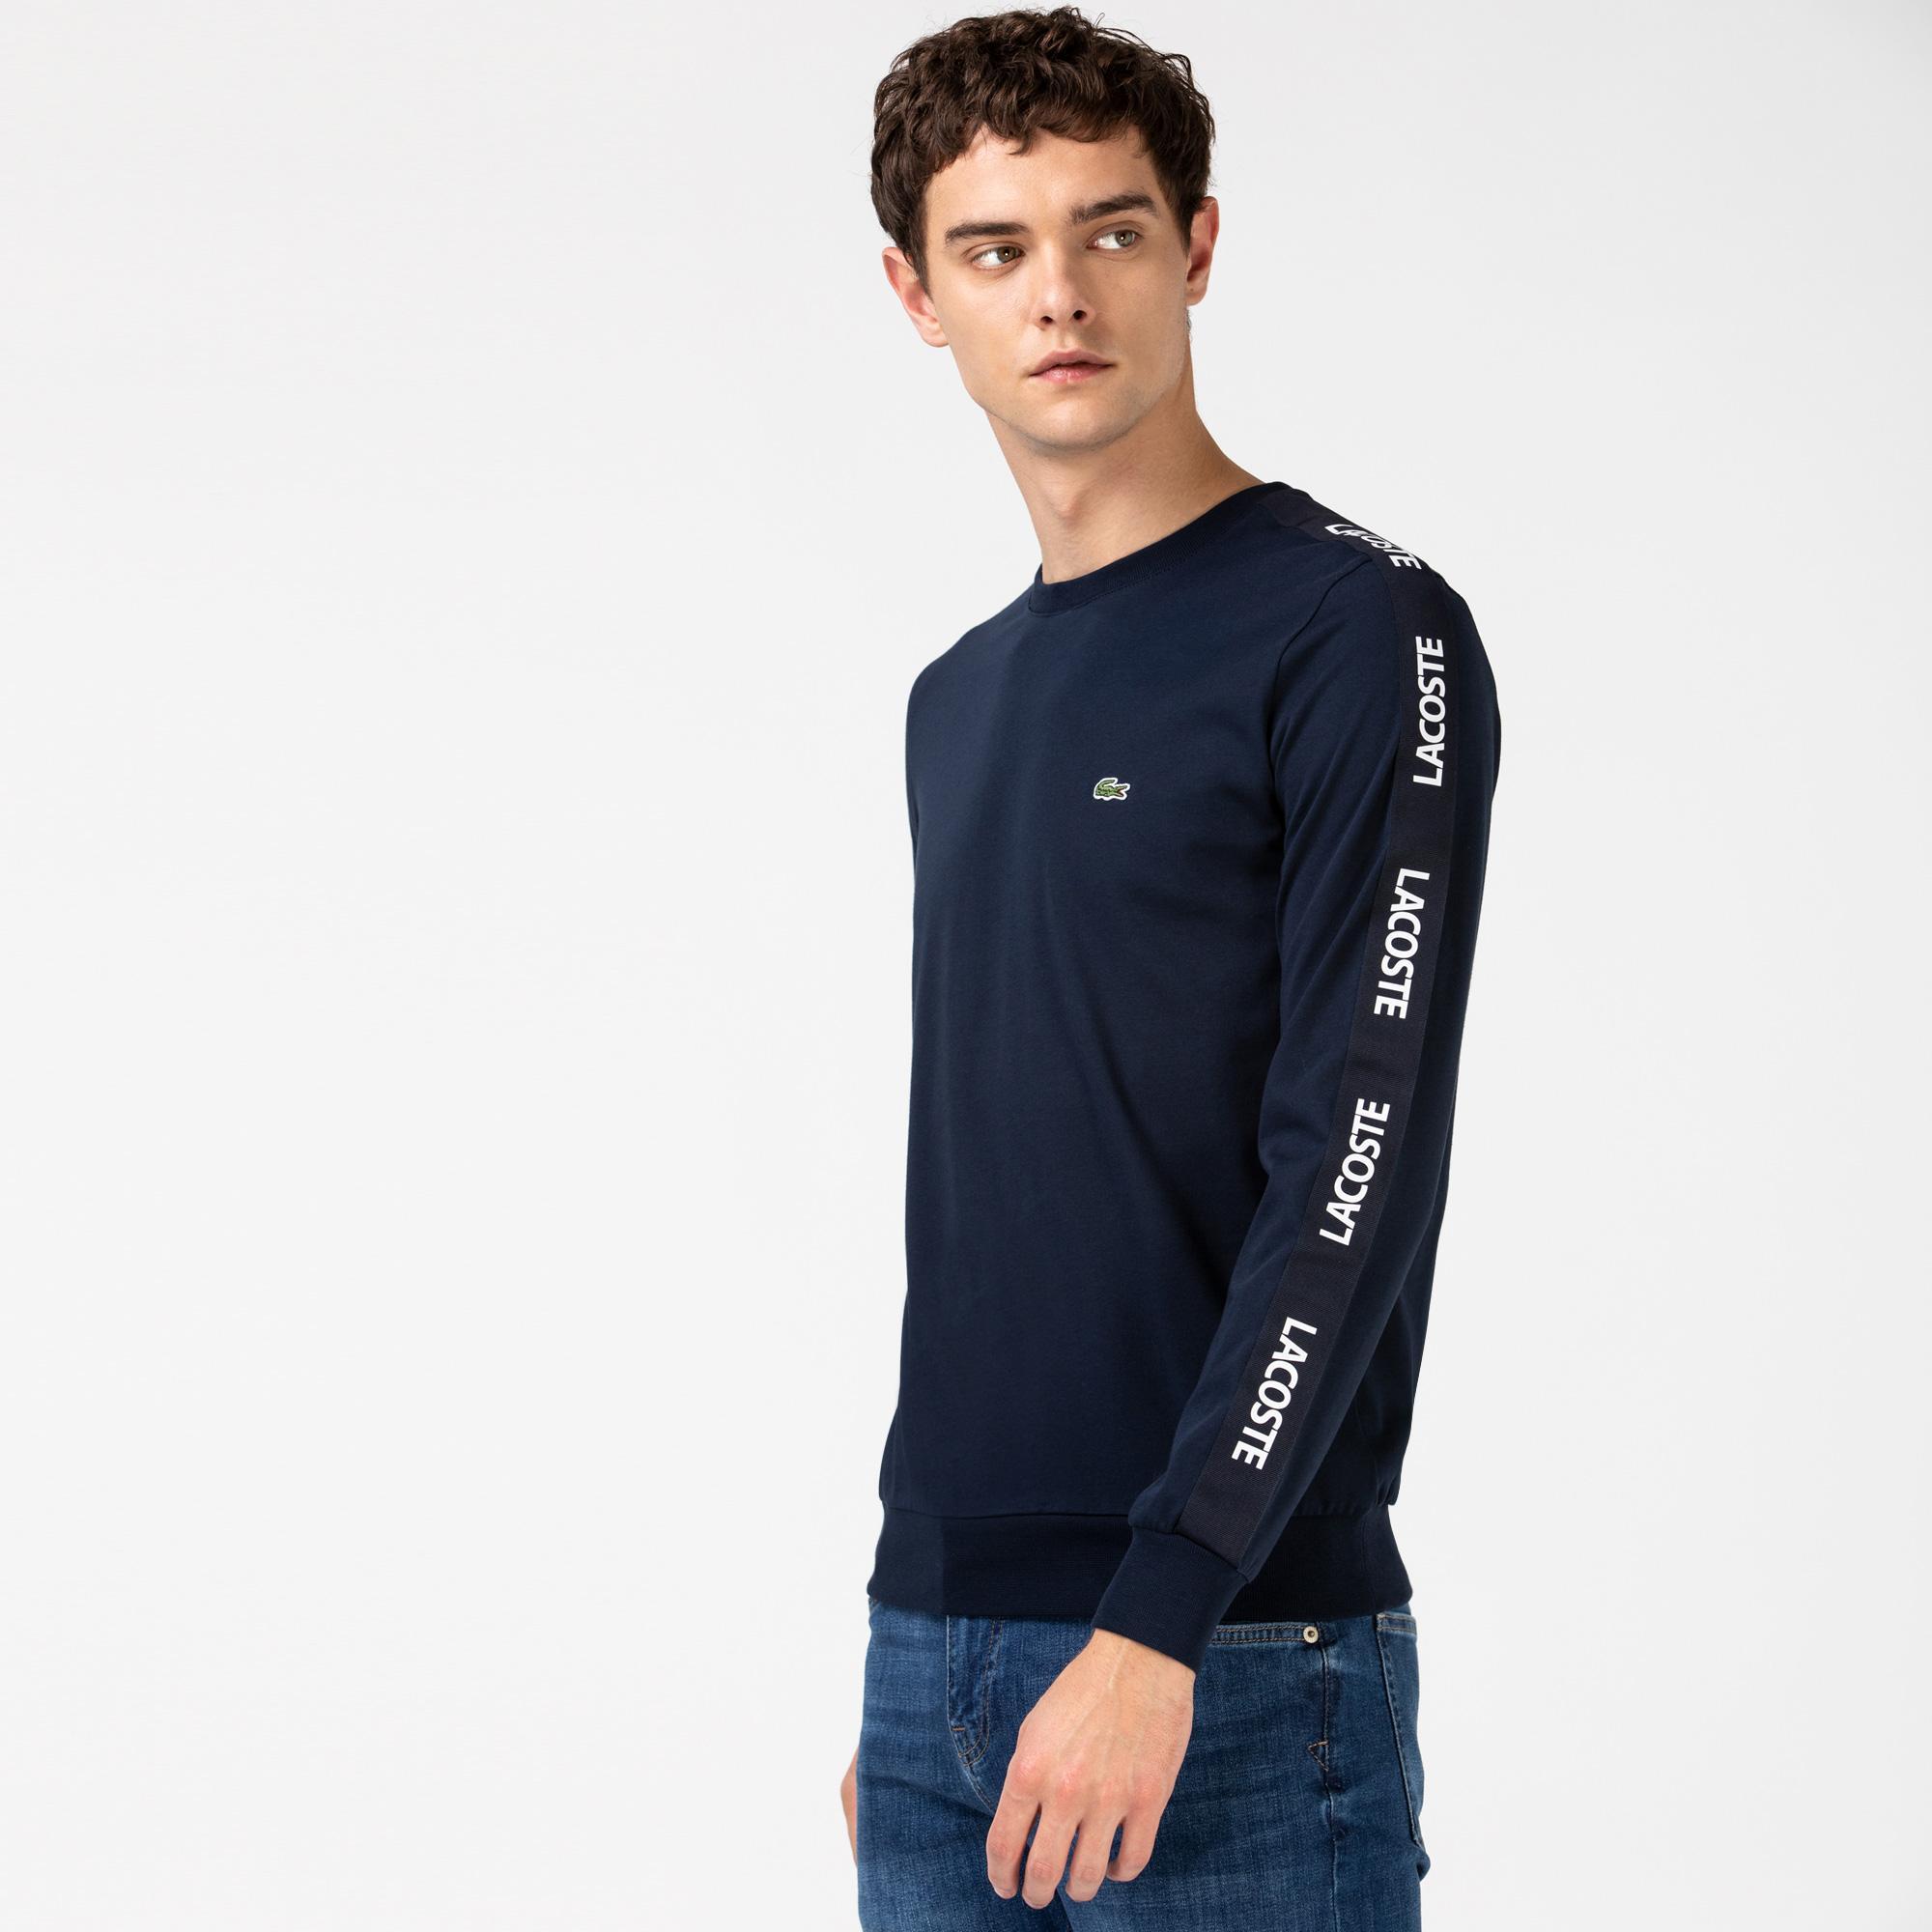 Lacoste Męski Granatowy T-shirt z Długim Rękawem i Nadrukiem